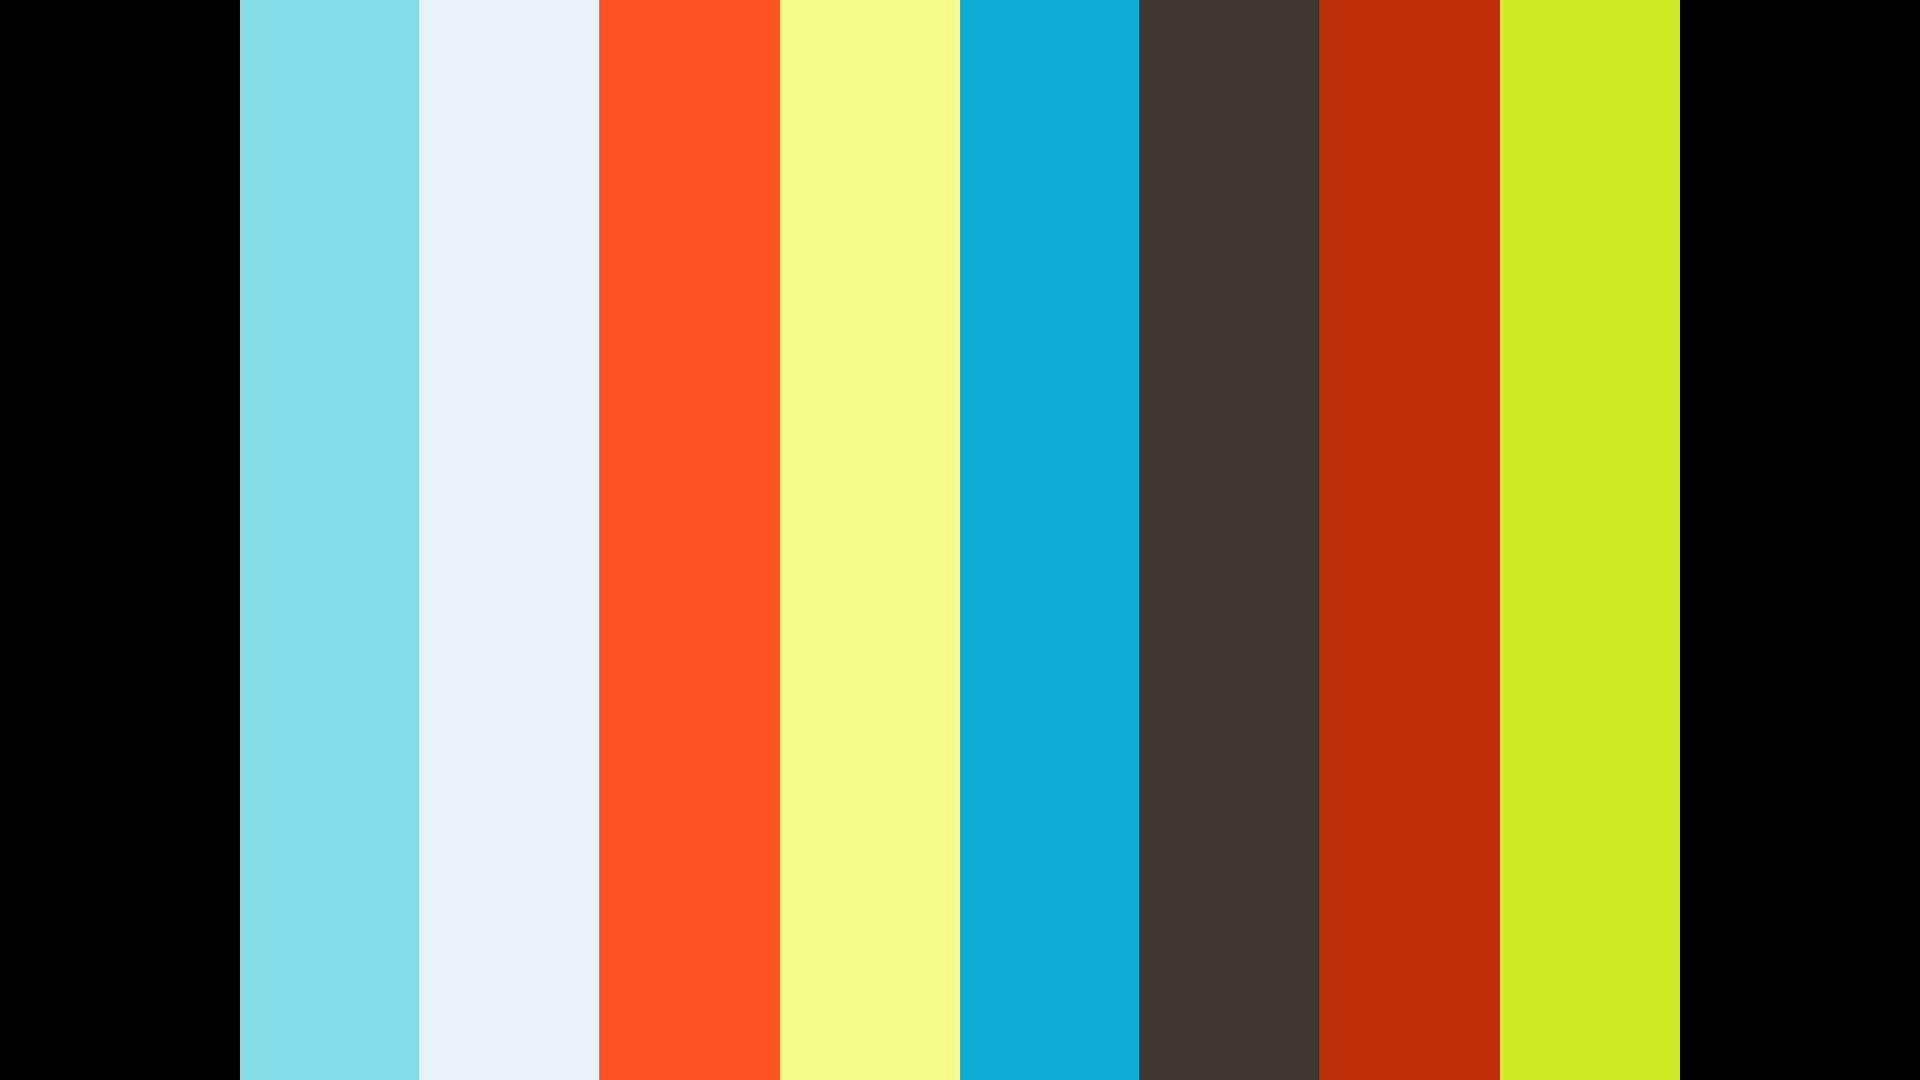 120202_schmidt_02_introduction